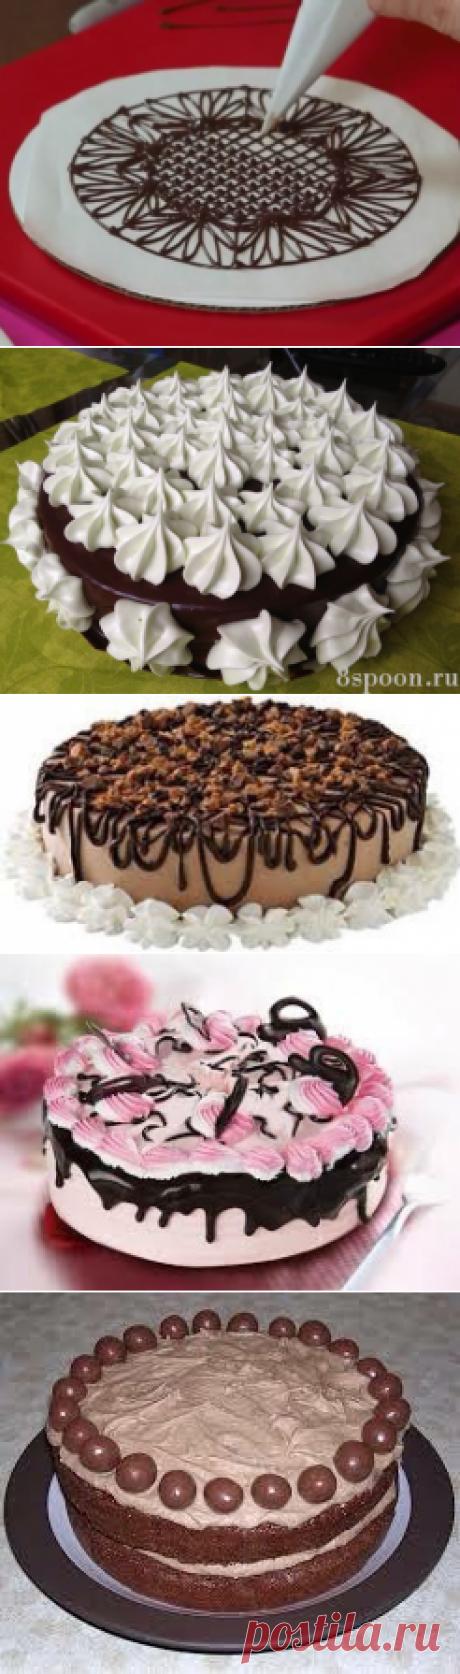 Как украсить торт : копилка идей! | Четыре вкуса